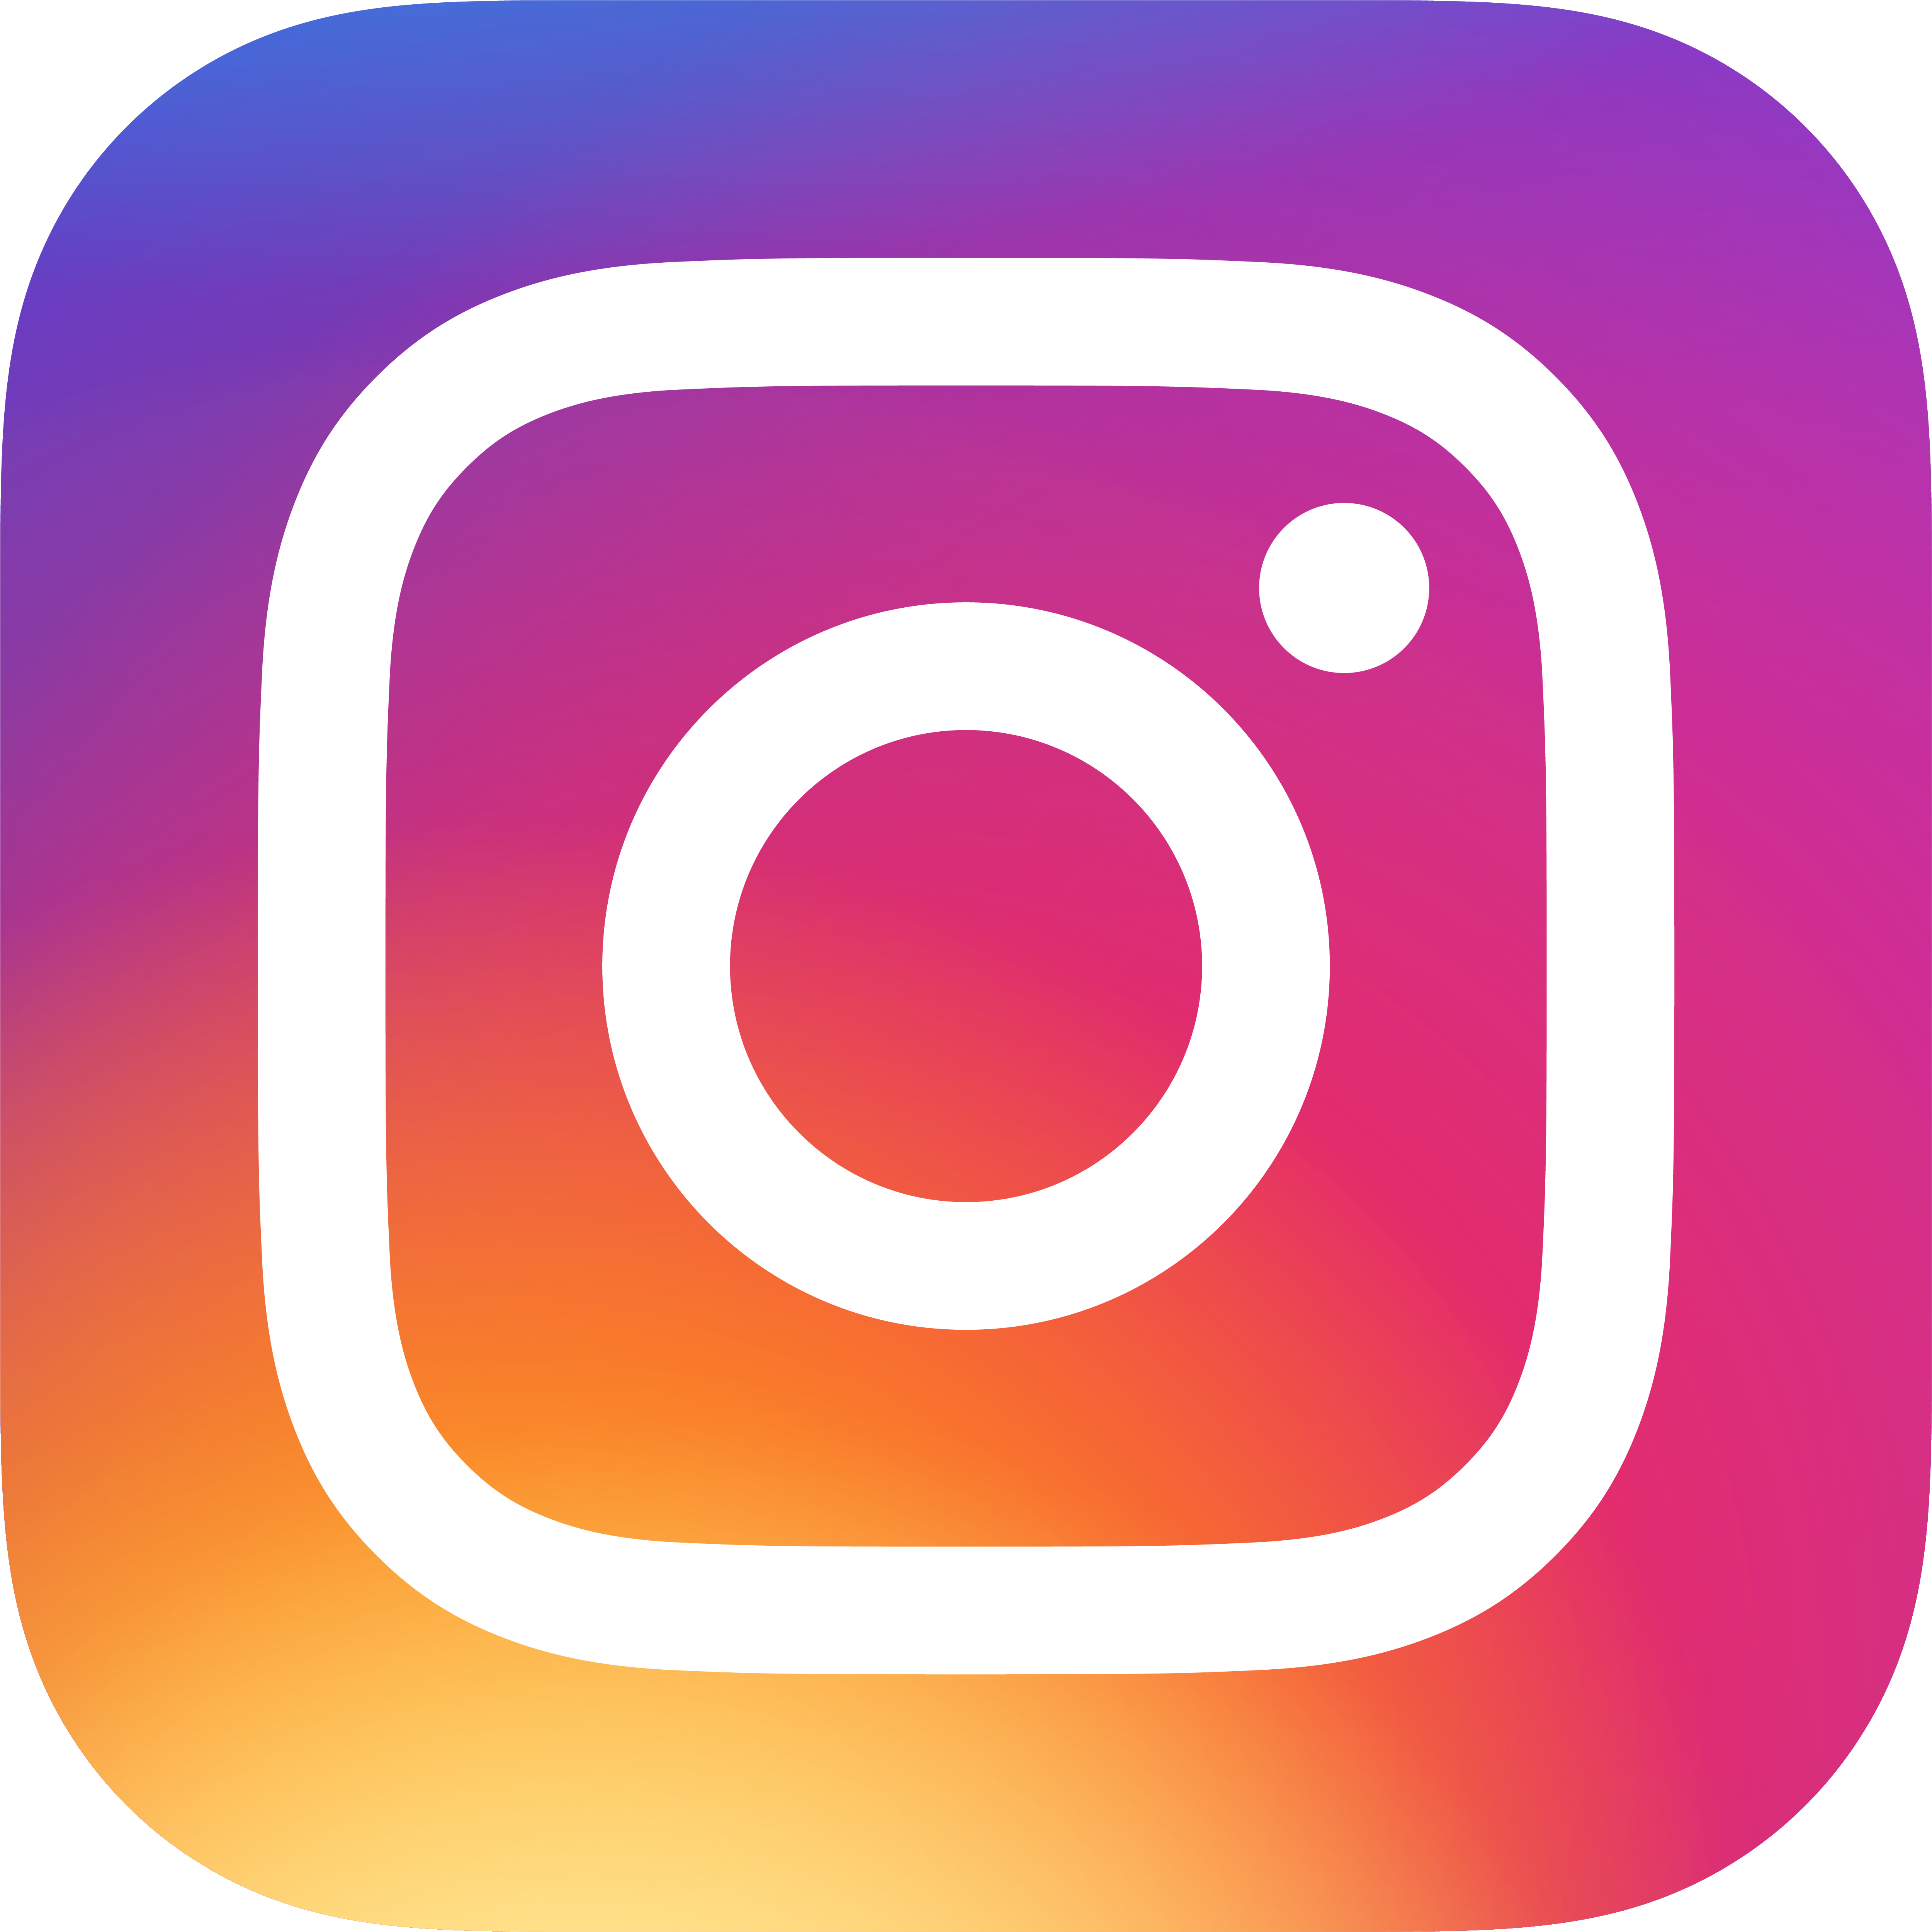 Icona Instagram